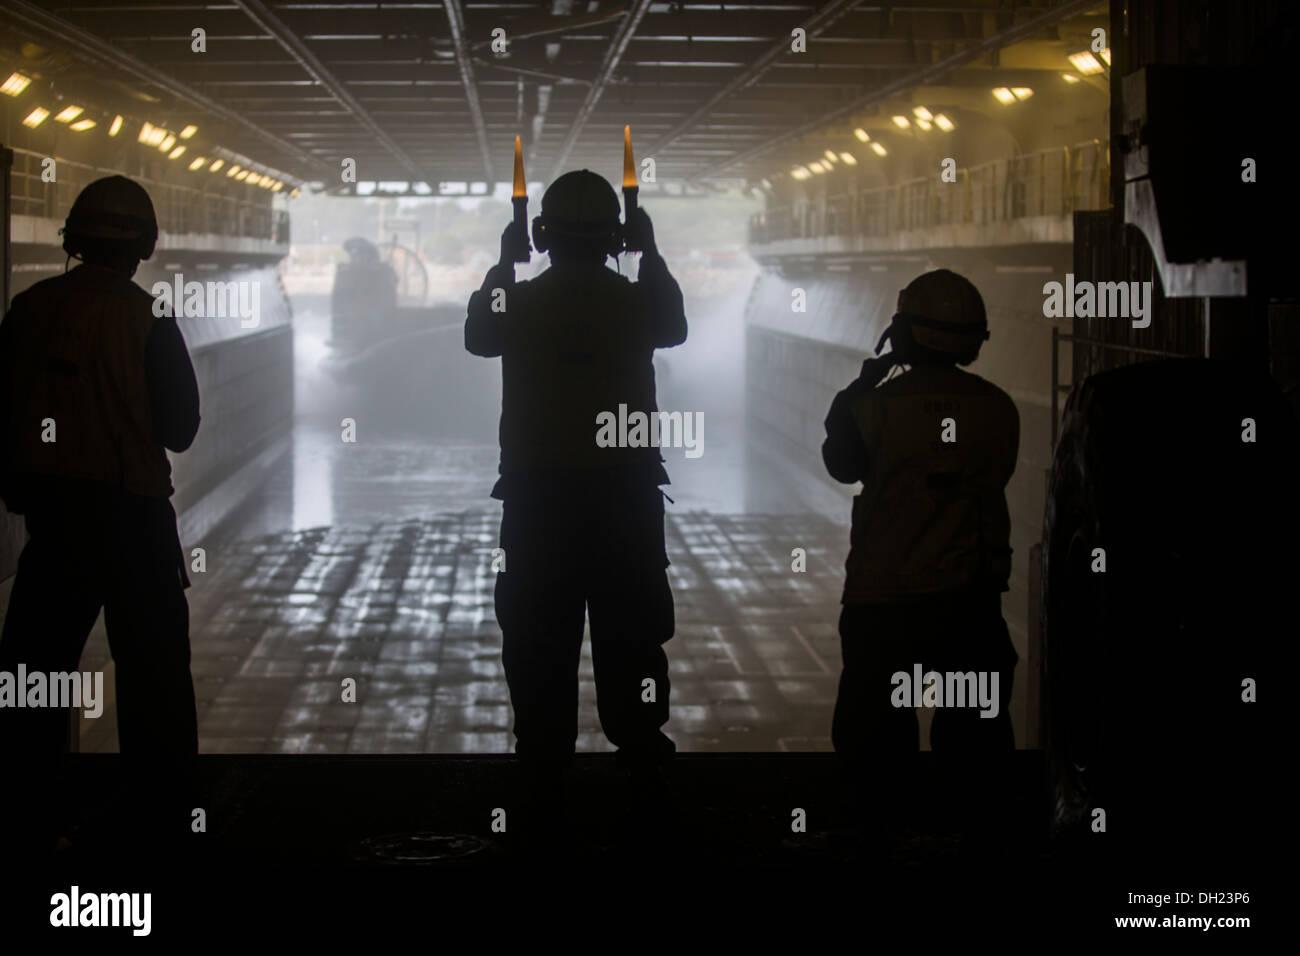 Boatswain's mates d'ordonner un landing craft air cushion (LCAC) dans le pont du coffre du navire d'assaut amphibie USS Kearsarge (DG 3). Kearsarge est déployée dans le cadre du groupe amphibie Kearsarge appuyer les opérations de sécurité maritime et le théâtre Photo Stock